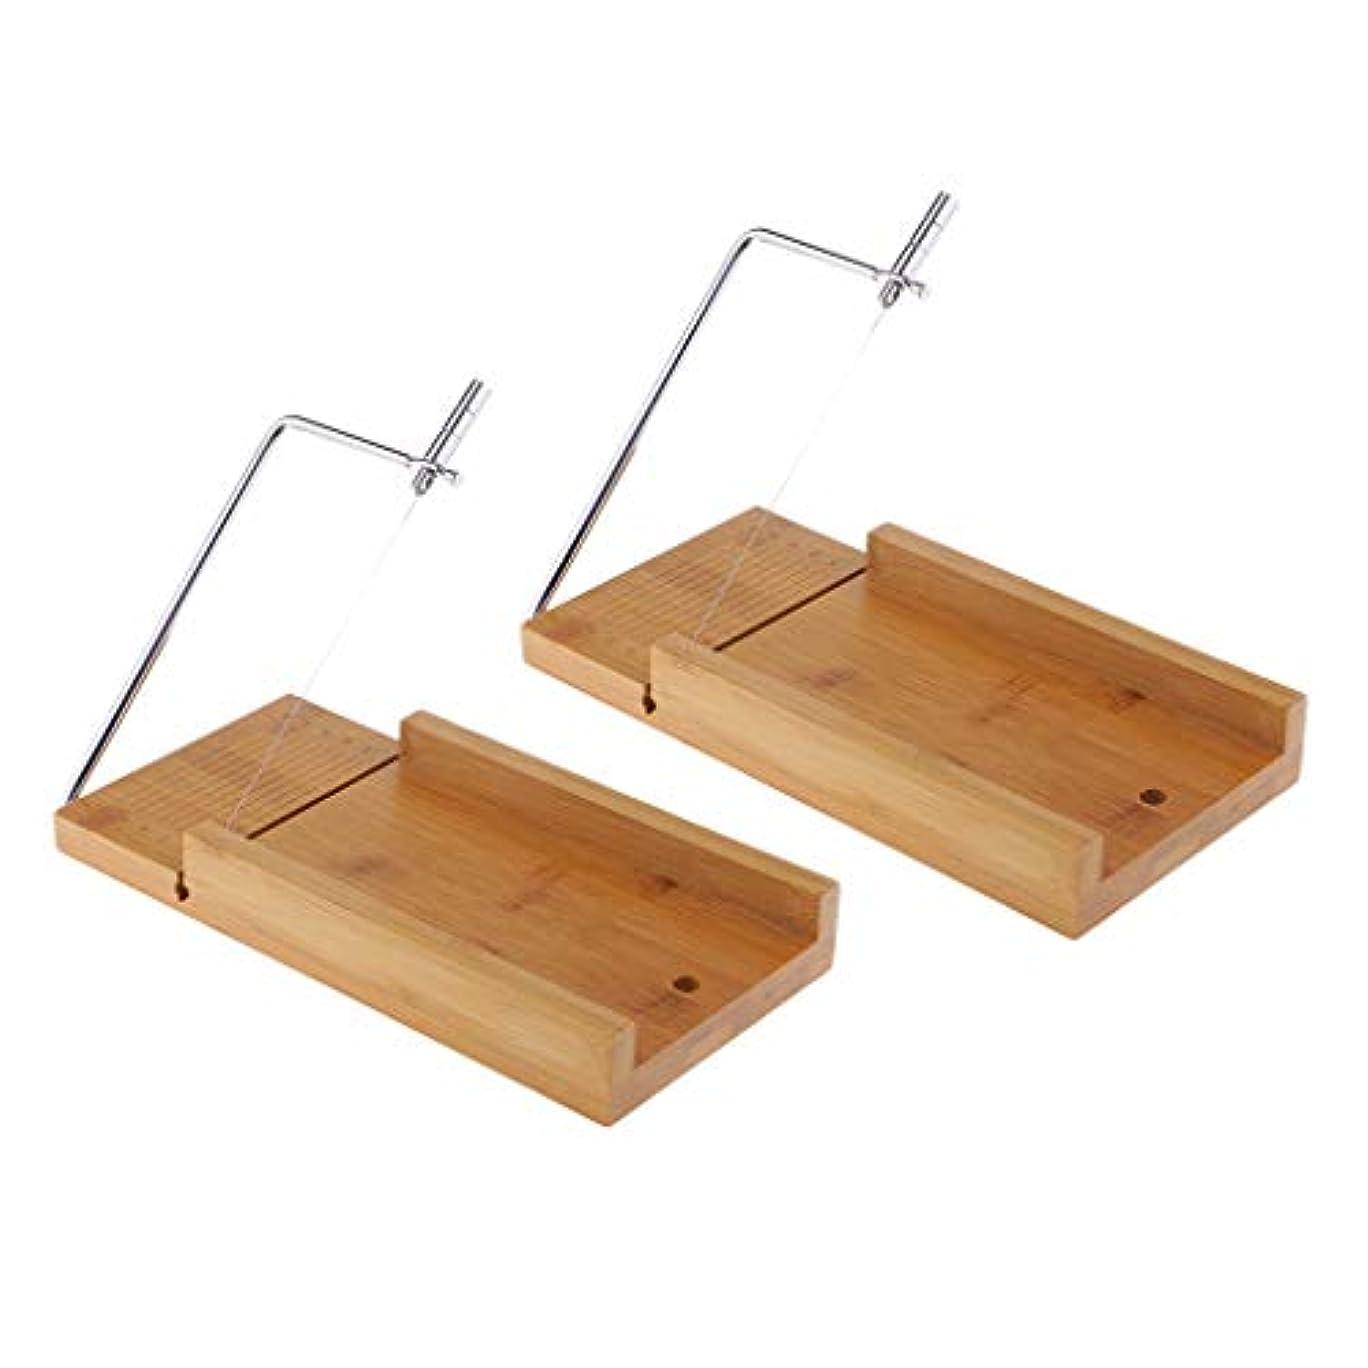 ぬいぐるみラッチなかなかソープカッター チーズナイフ ワイヤー せっけんカッター 台 木質 石鹸切削工具 2個入り